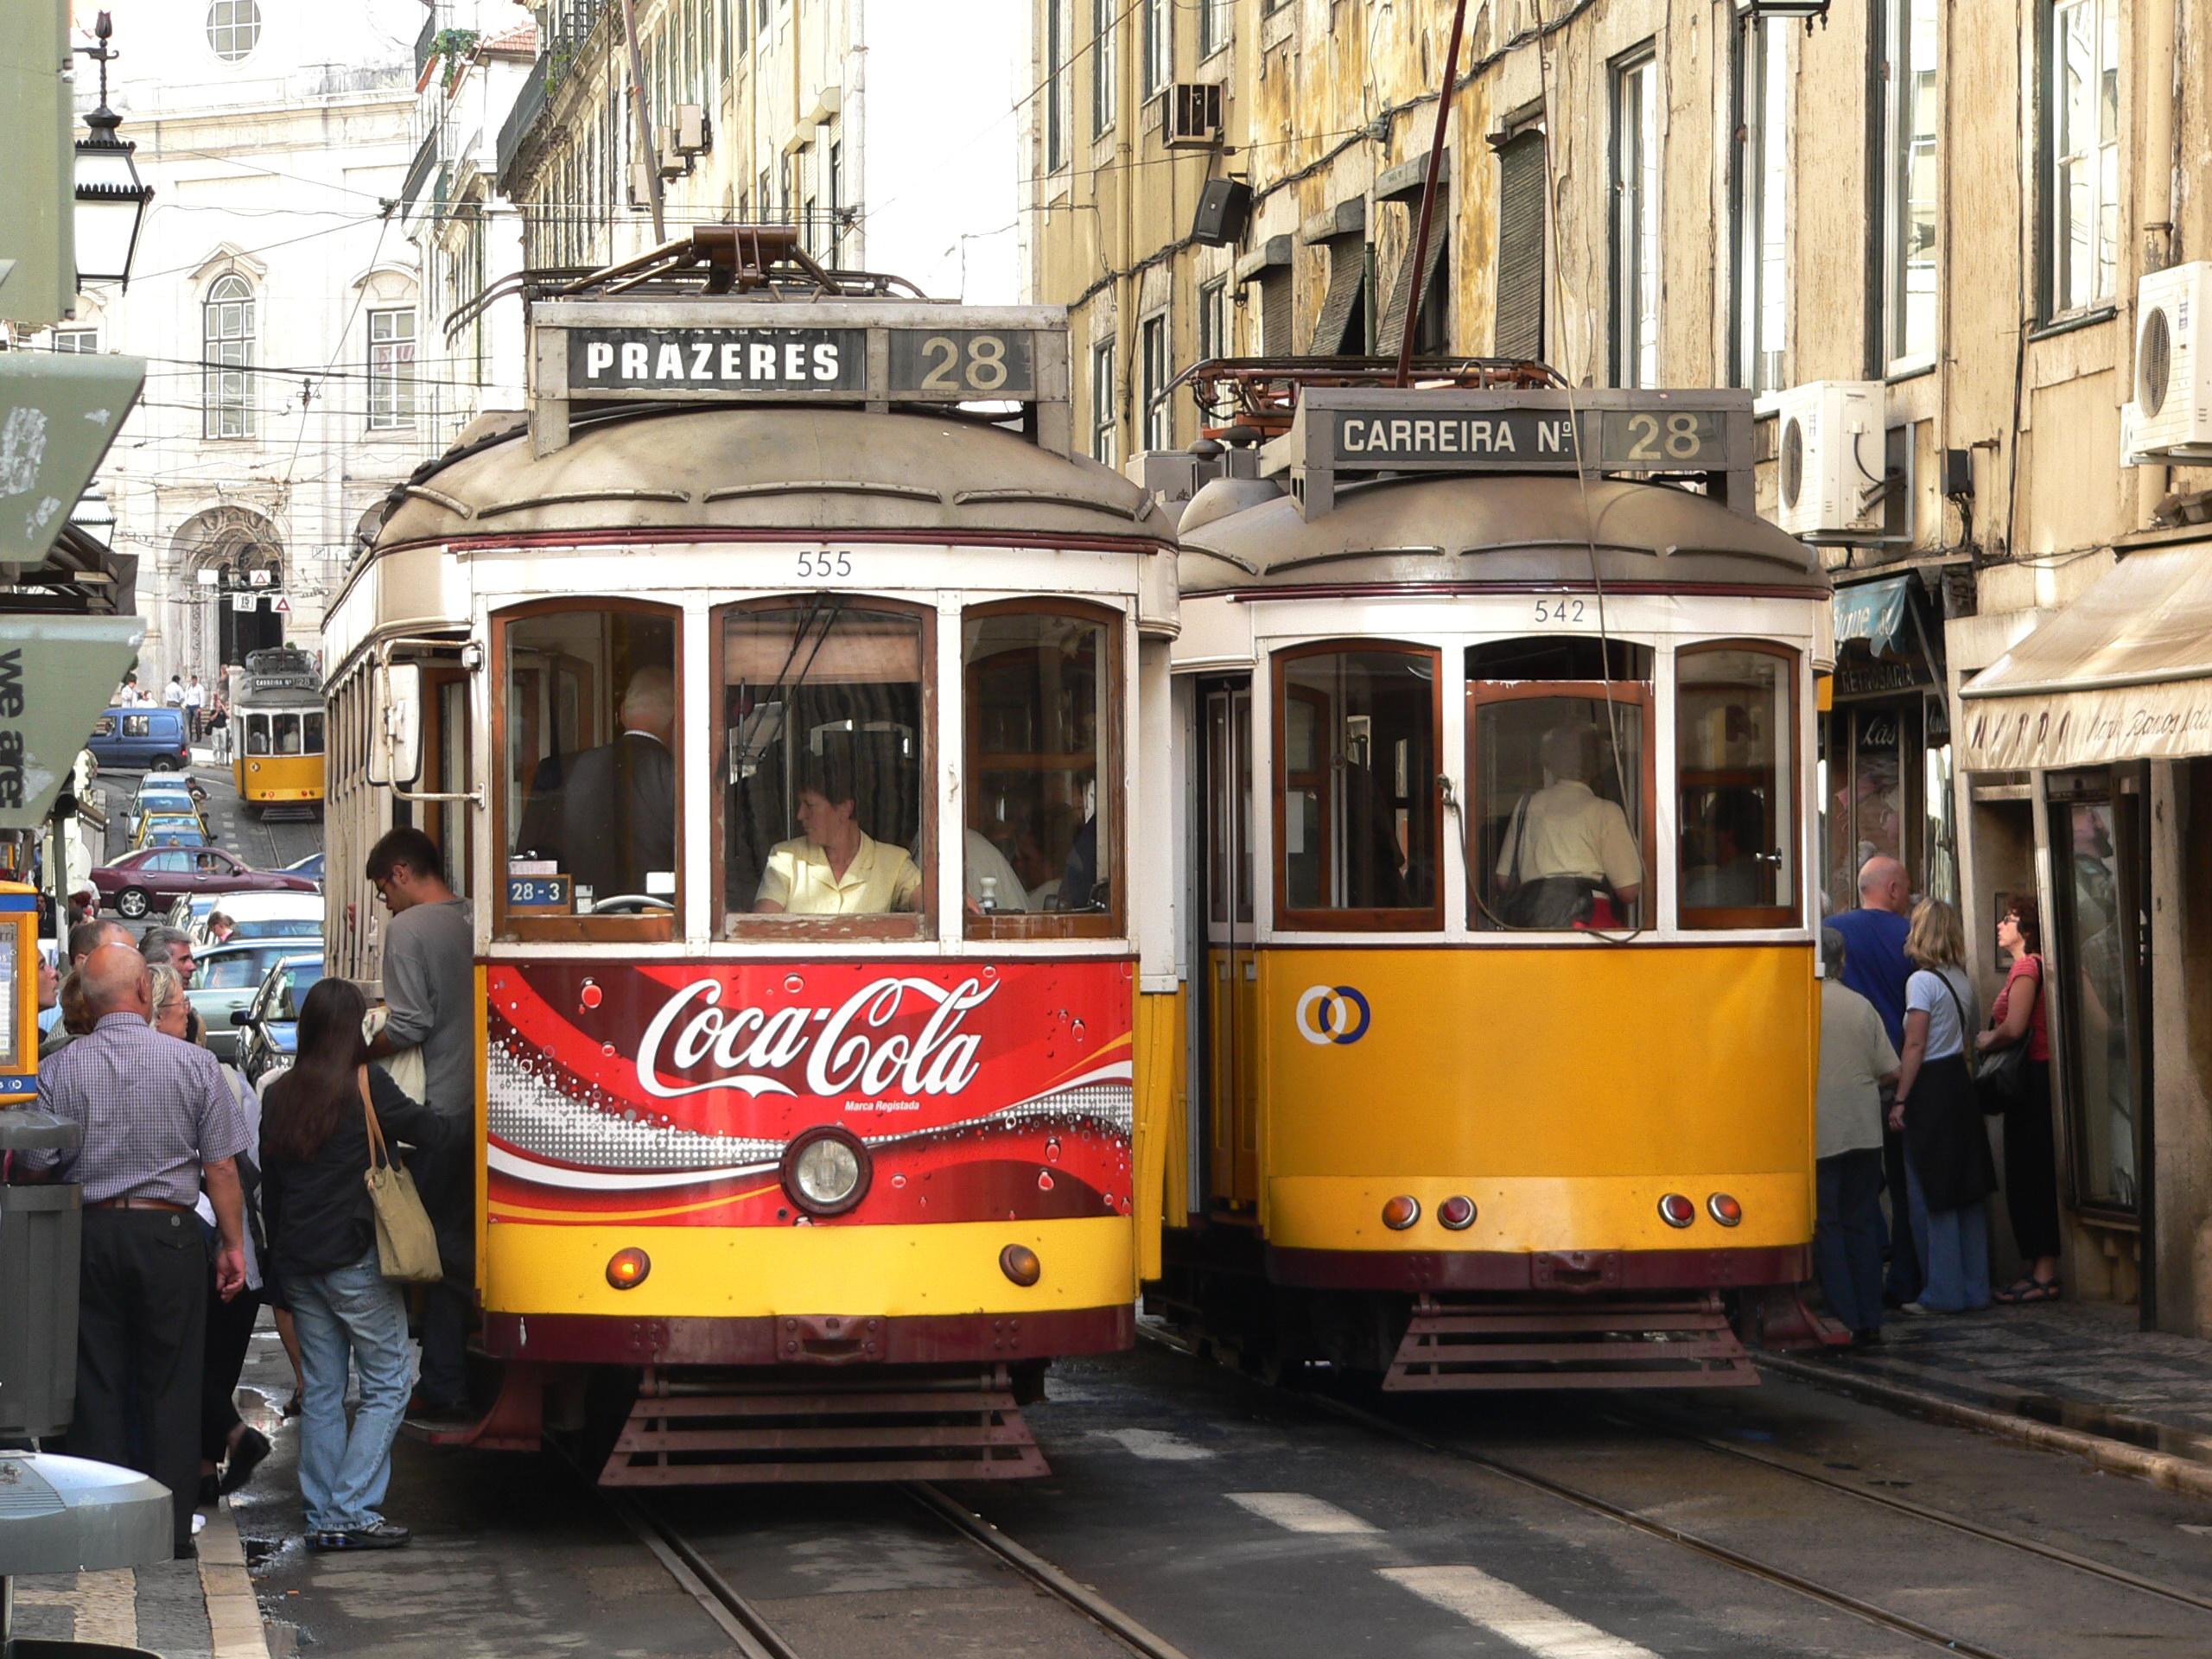 Lisbona - Wikipedia